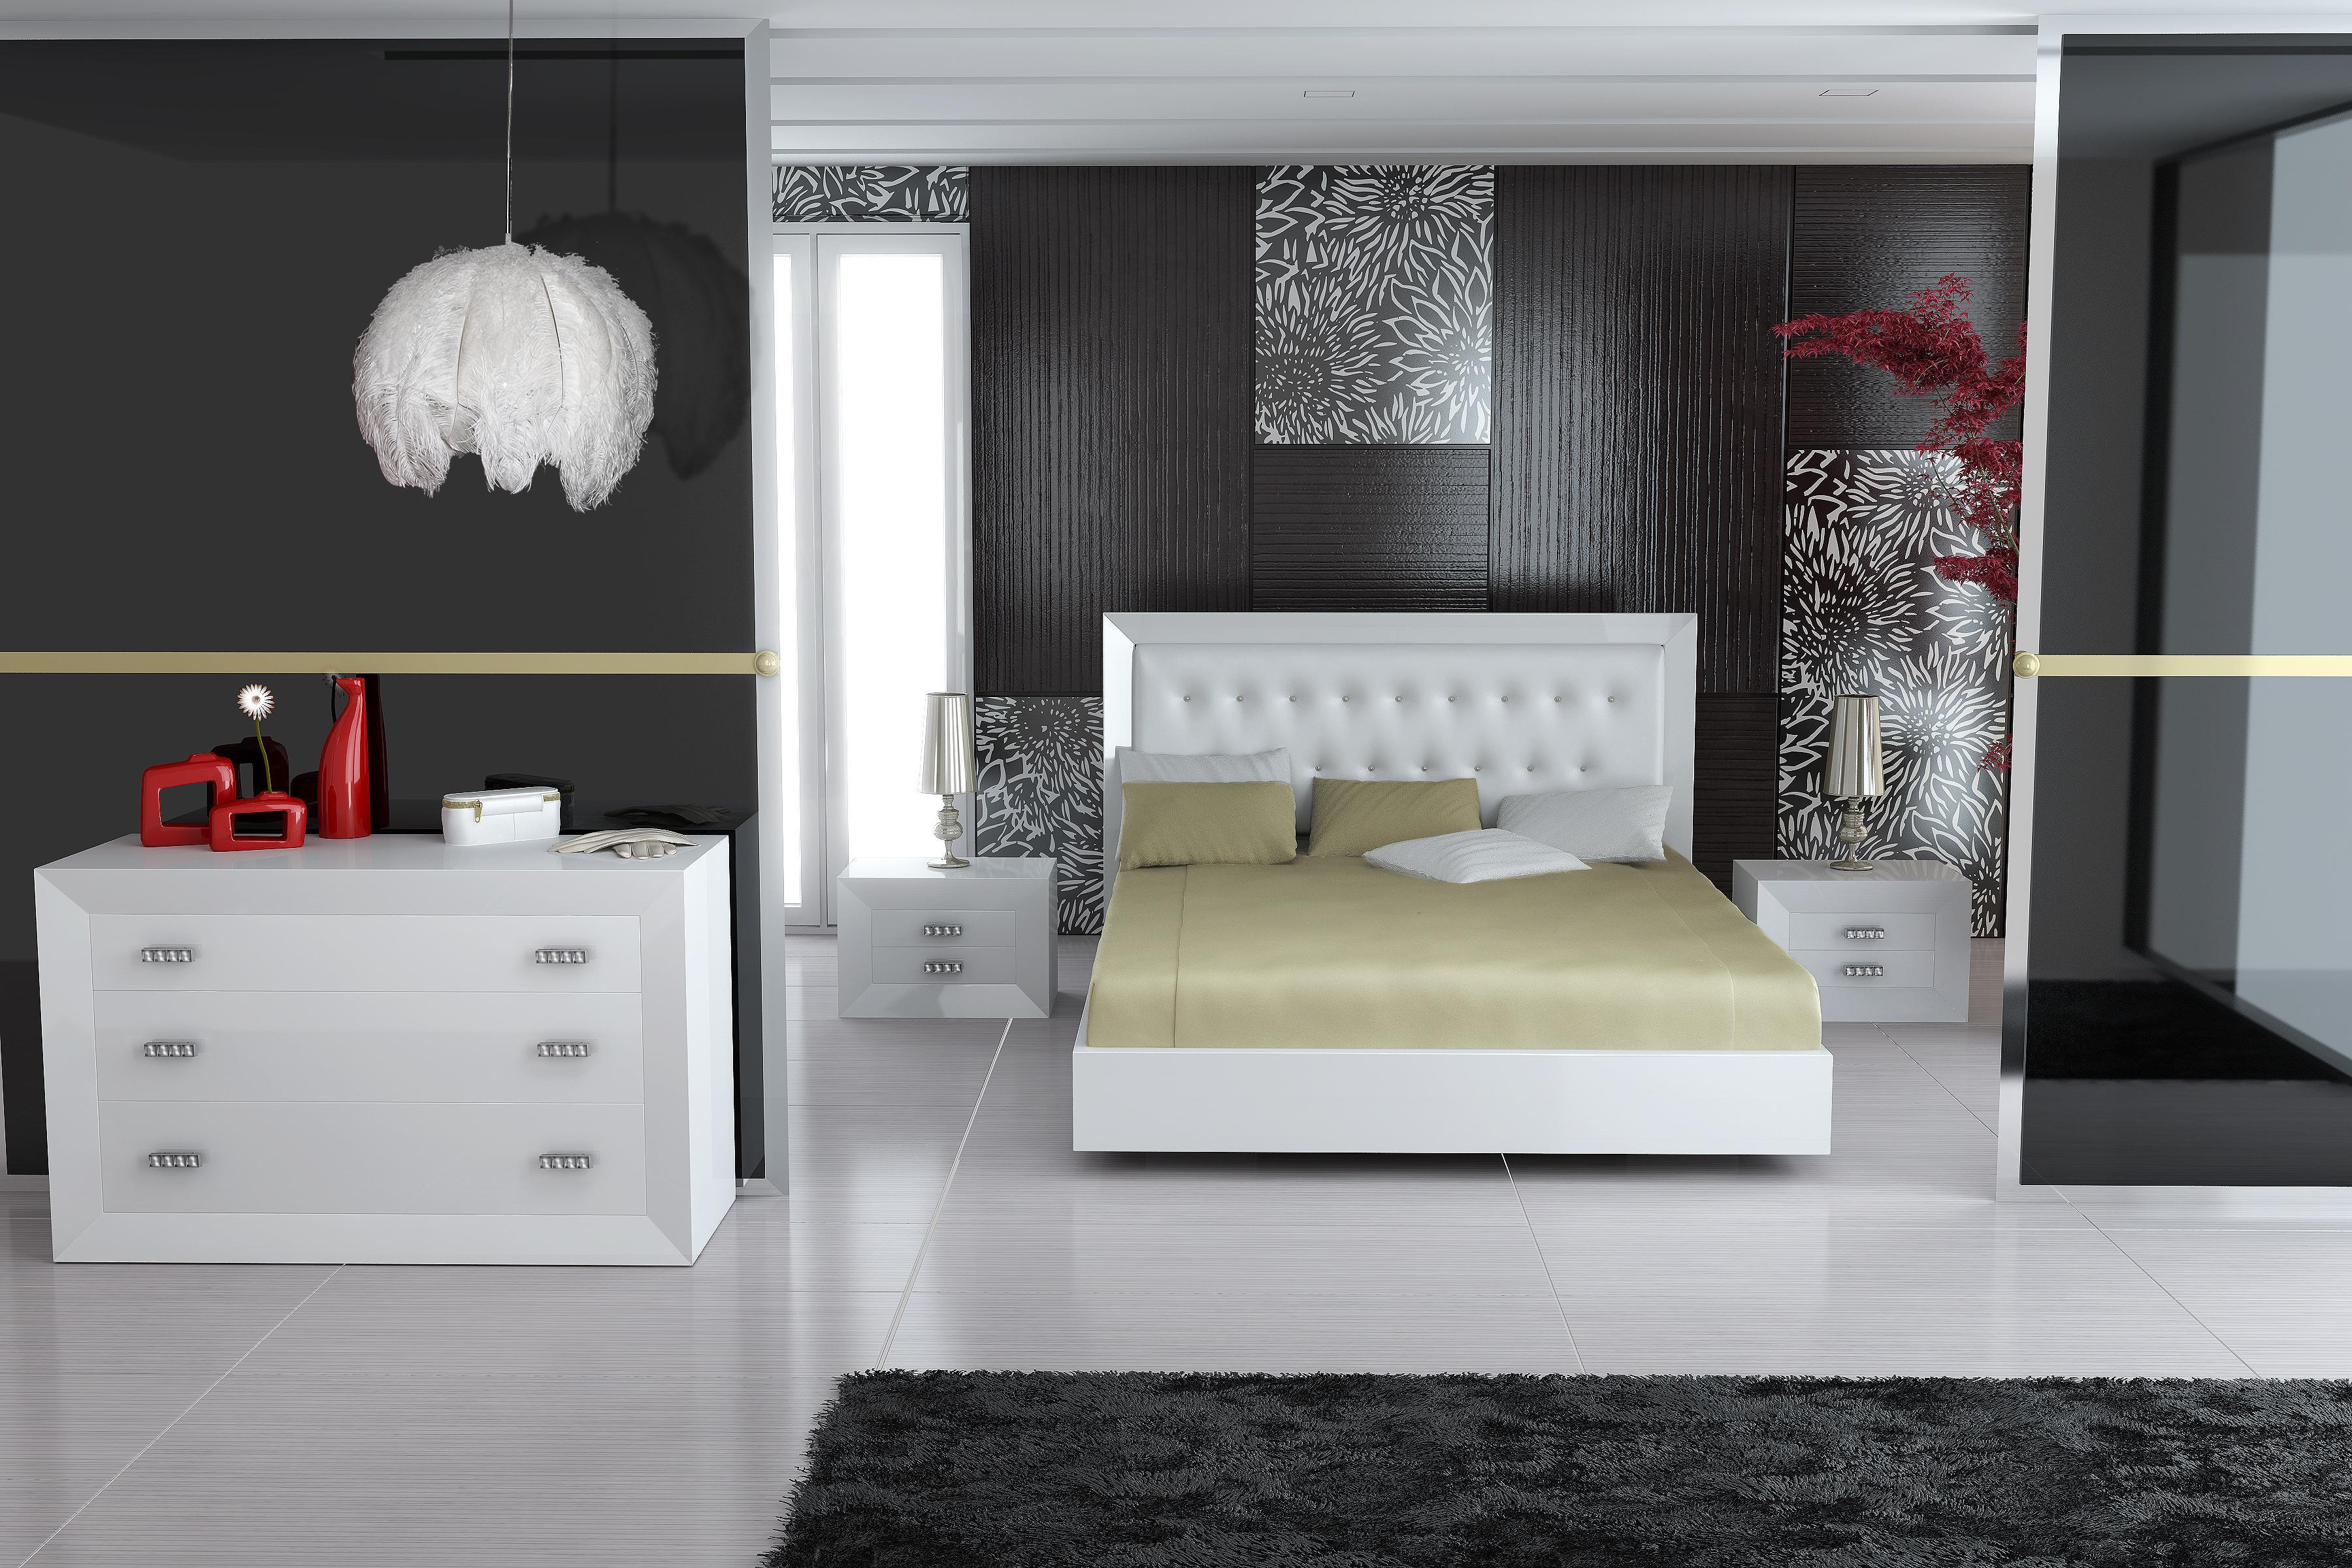 Ensemble pour chambre coucher design 1 0 1000 0 pi ces for Design chambre a coucher